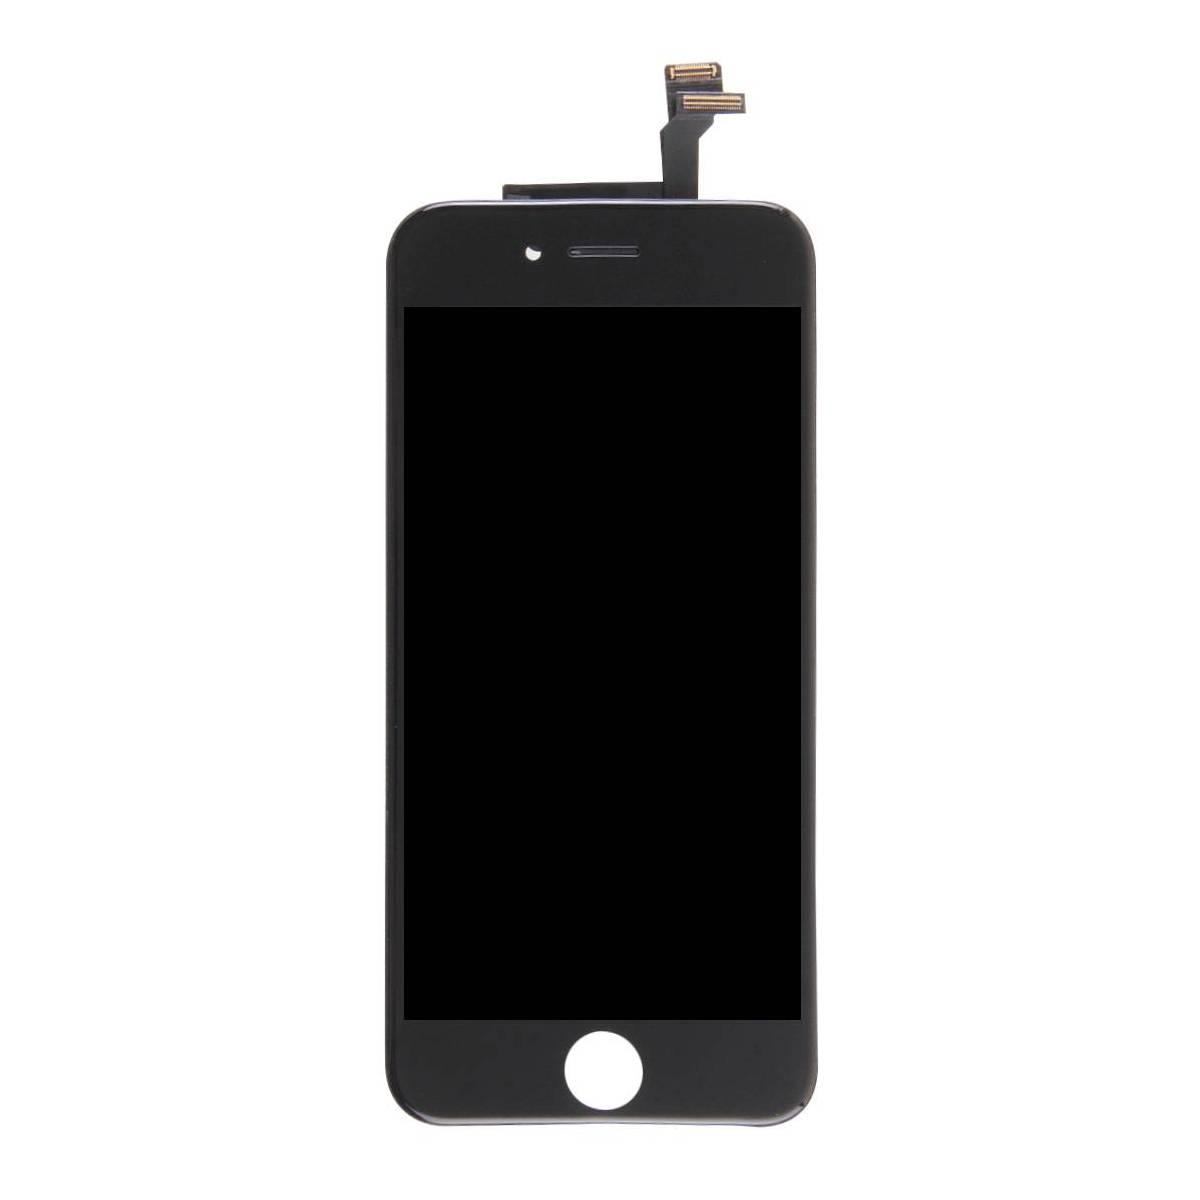 köpa skärm iphone 6